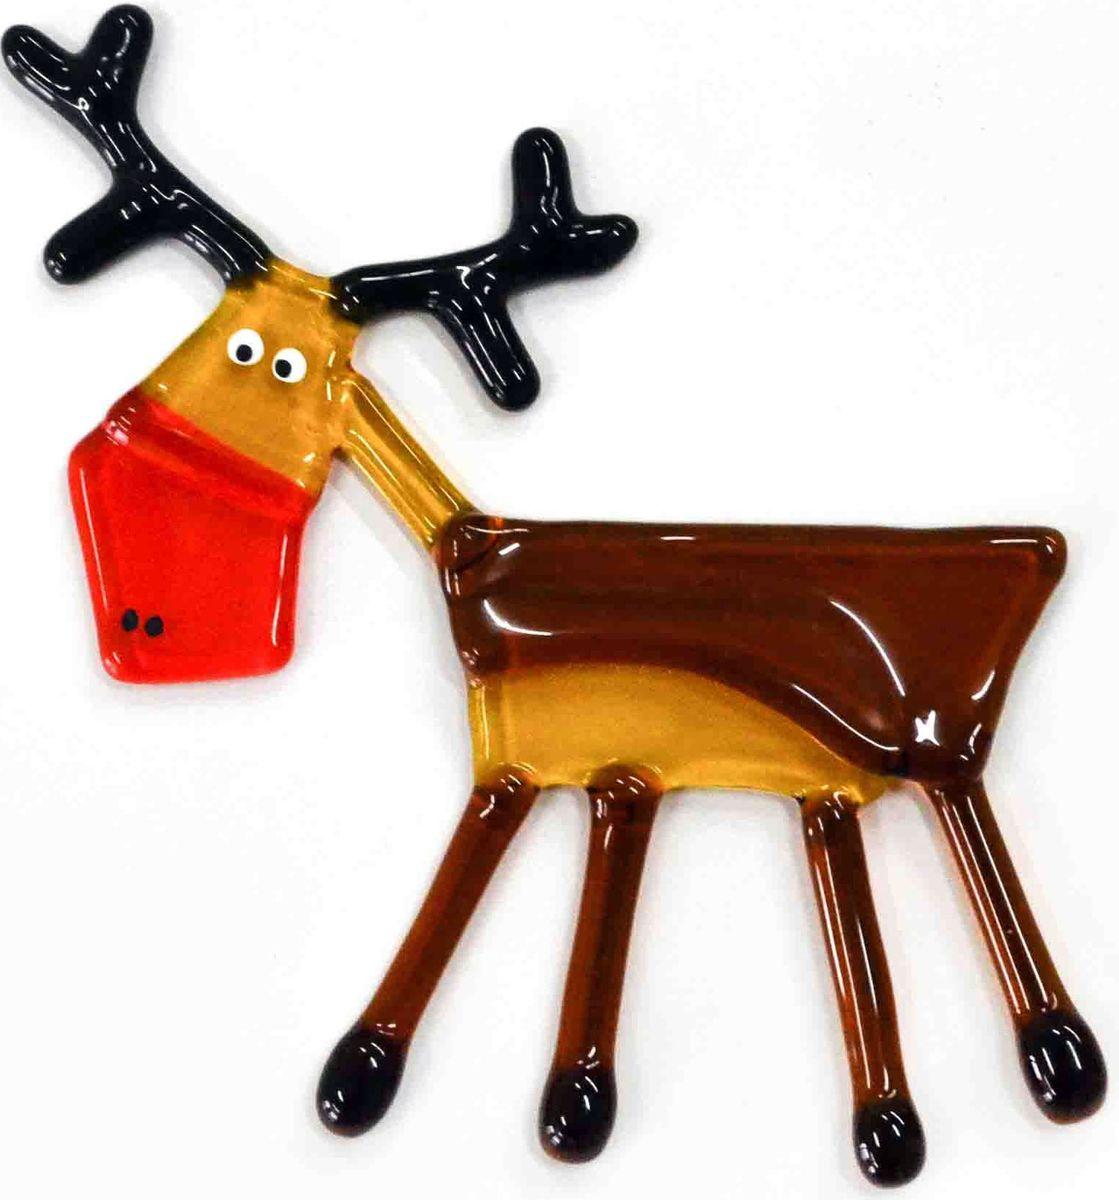 Украшение новогоднее подвесное Олень, 11 х 8 х 0,3 смЕС-4Елочная игрушка - символ приближающегося праздника. Она послужит прекрасным подарком как для ребенка, так и для взрослого, а также дополнит новогодний интерьер. Веселый олень будет отлично смотреться на праздничной елке.